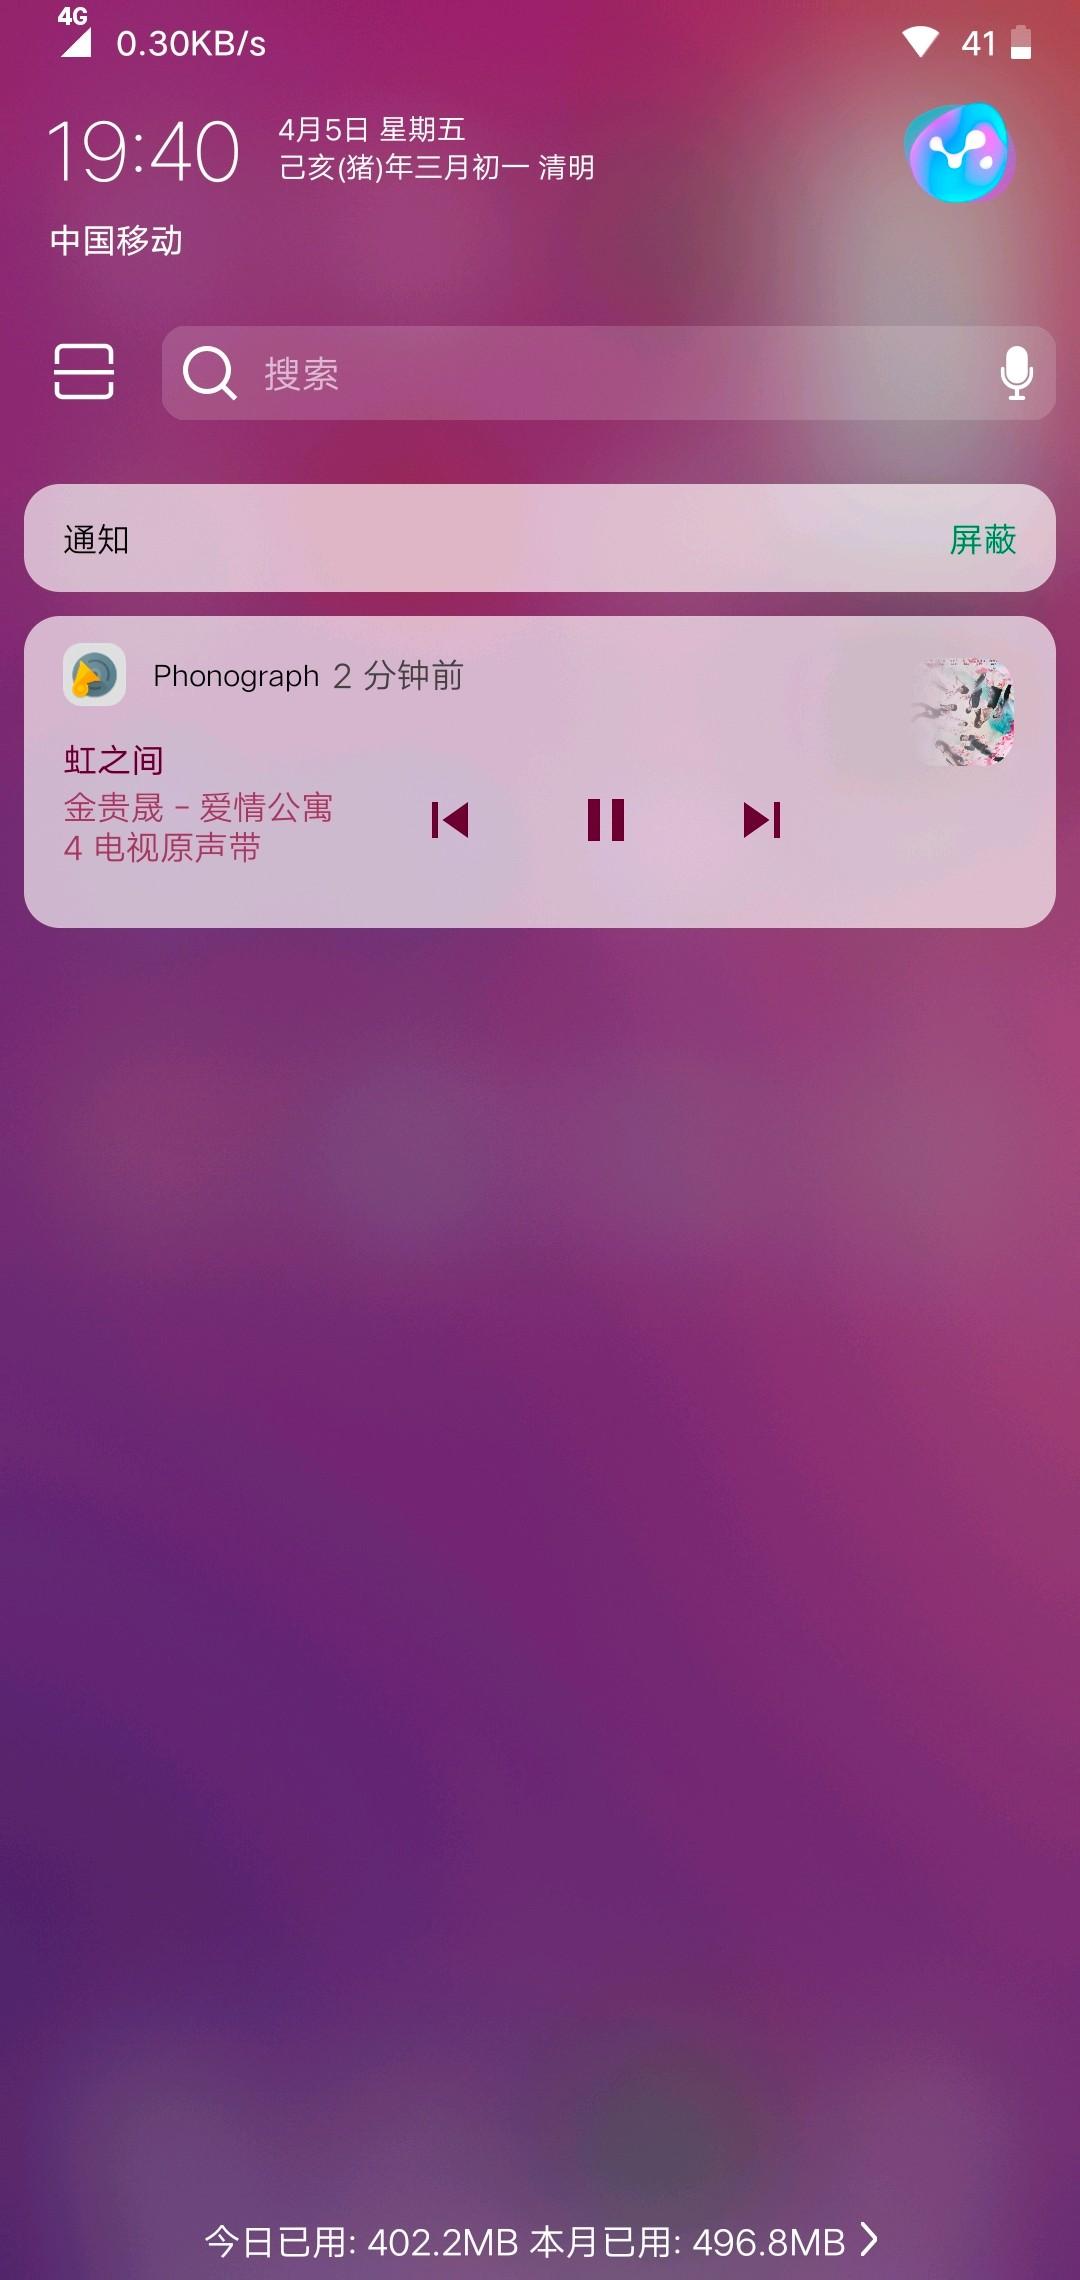 Screenshot_20190405_194026.jpg